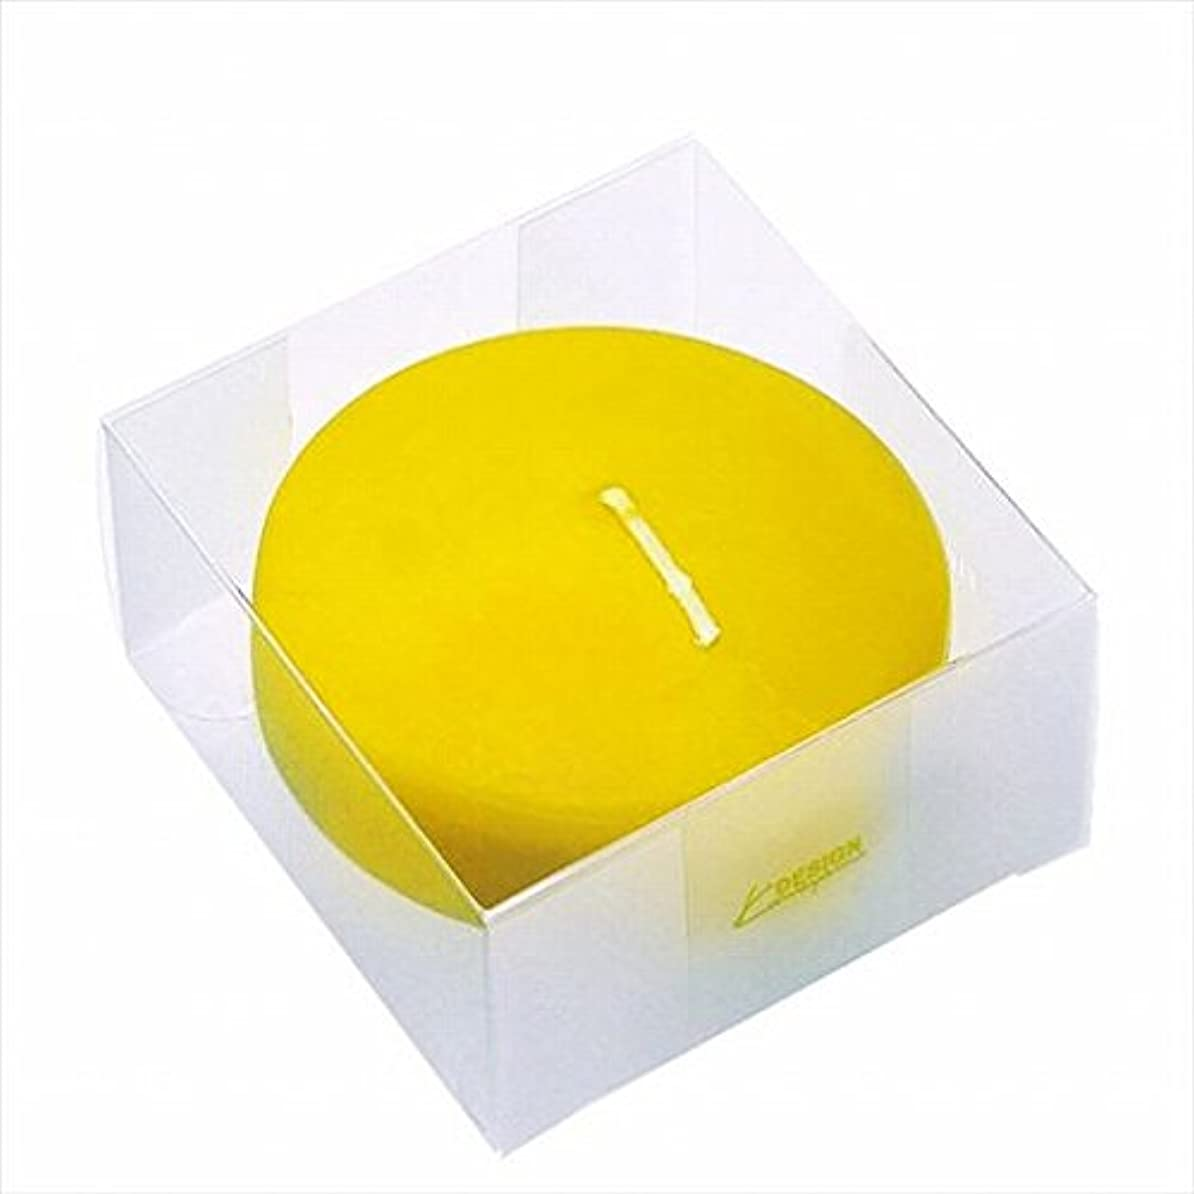 アーチ家族笑いカメヤマキャンドル(kameyama candle) プール80(箱入り) 「 サン 」